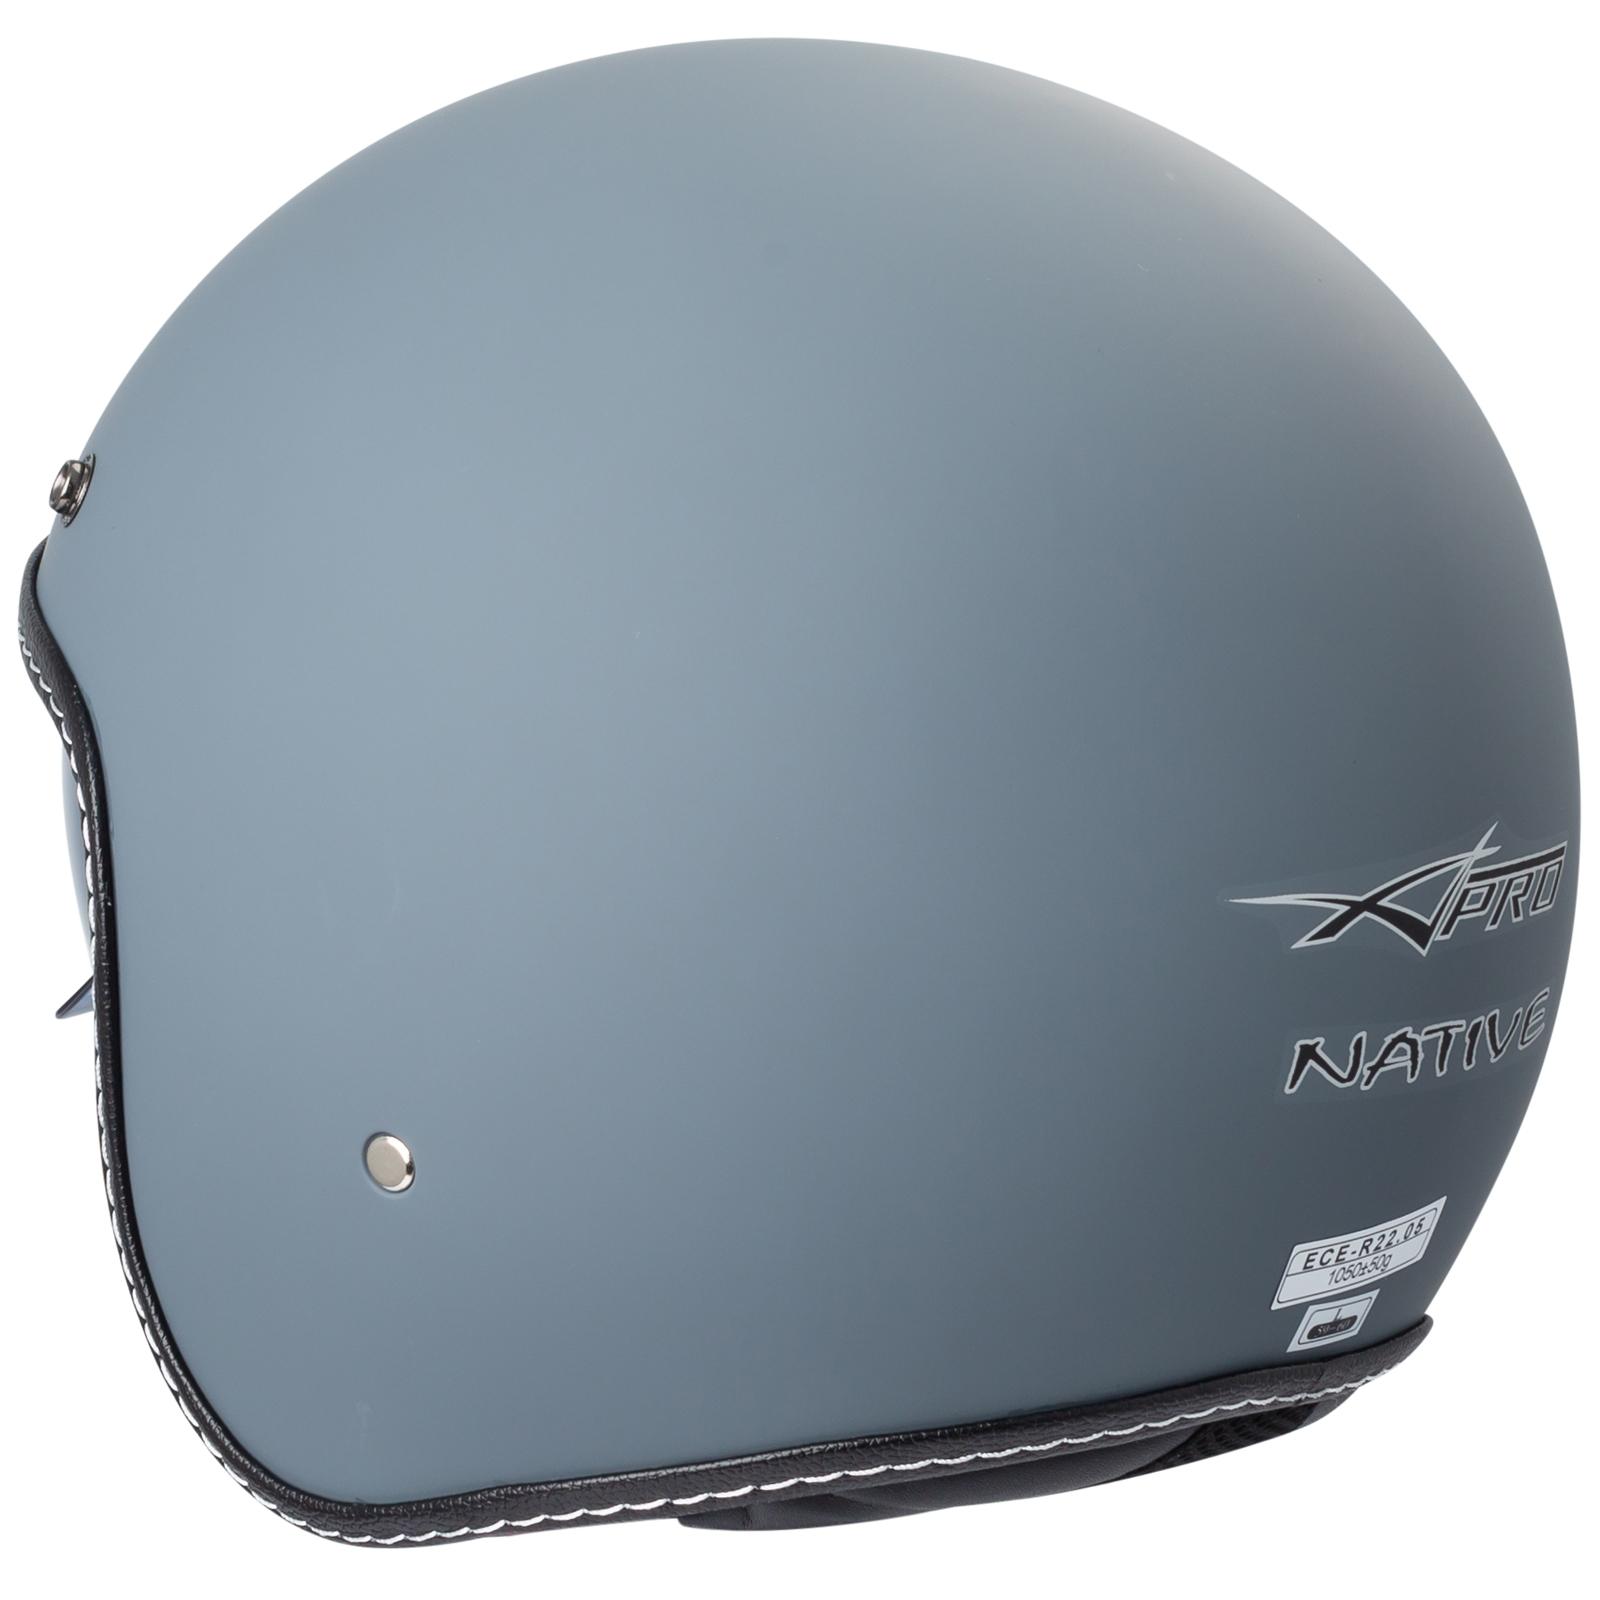 Casco-Moto-Jet-Cafe-Racer-Omologato-ECE-22-05-Parasole-scooter miniatuur 27